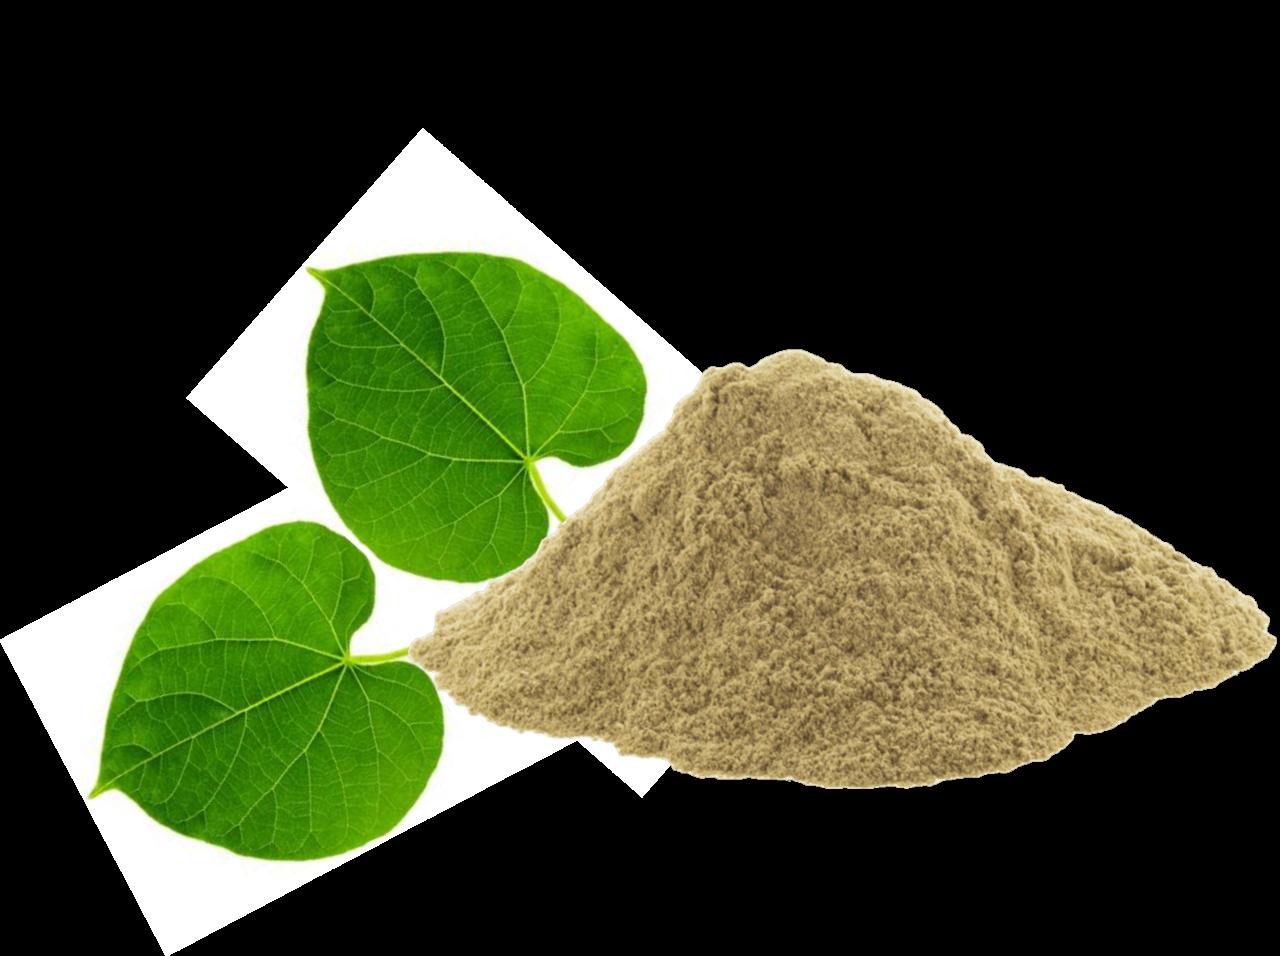 Guduchi Giloy Powder 100g (Tamil: சீந்தில் கொடி Sindhil Kodi) (Sanskrit: अमृतवल्ली Amruthvalli)